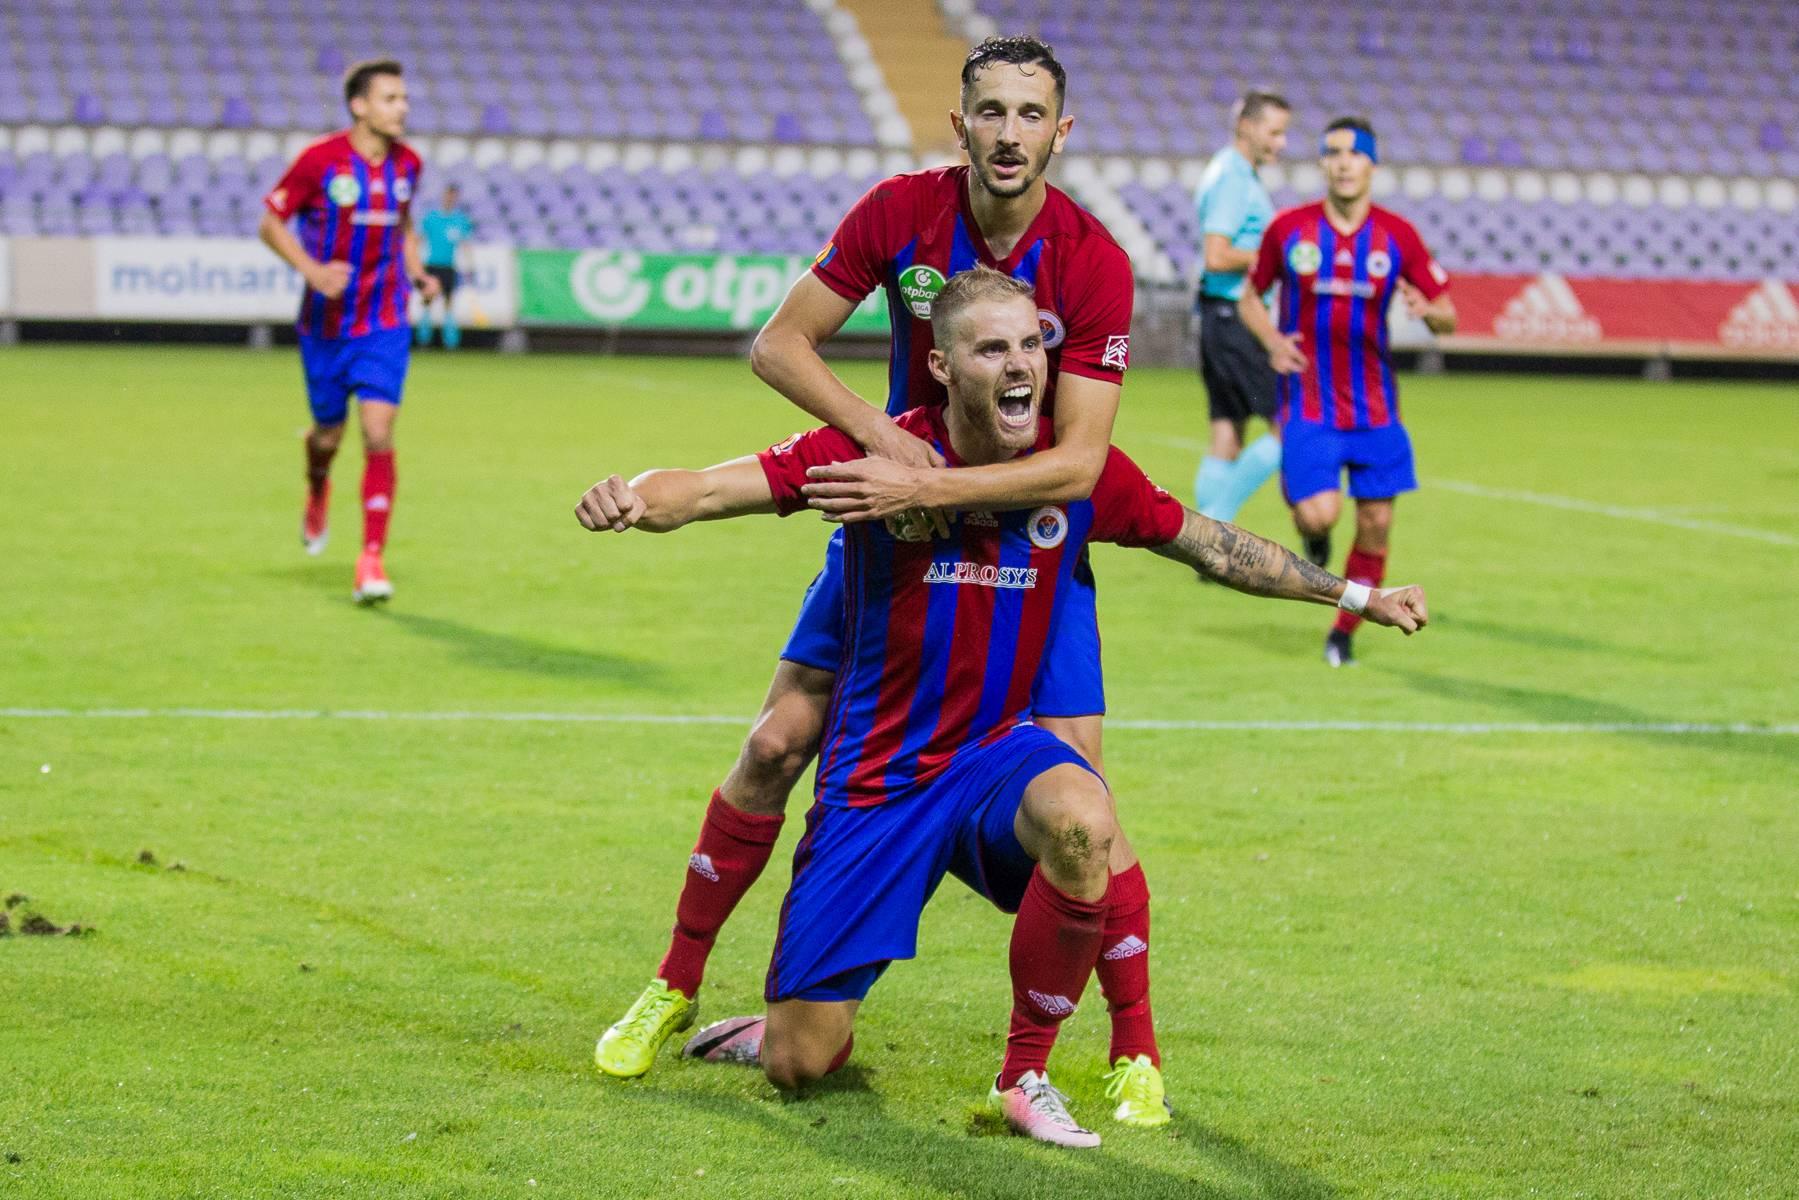 Három játékosunk a forduló válogatottjában